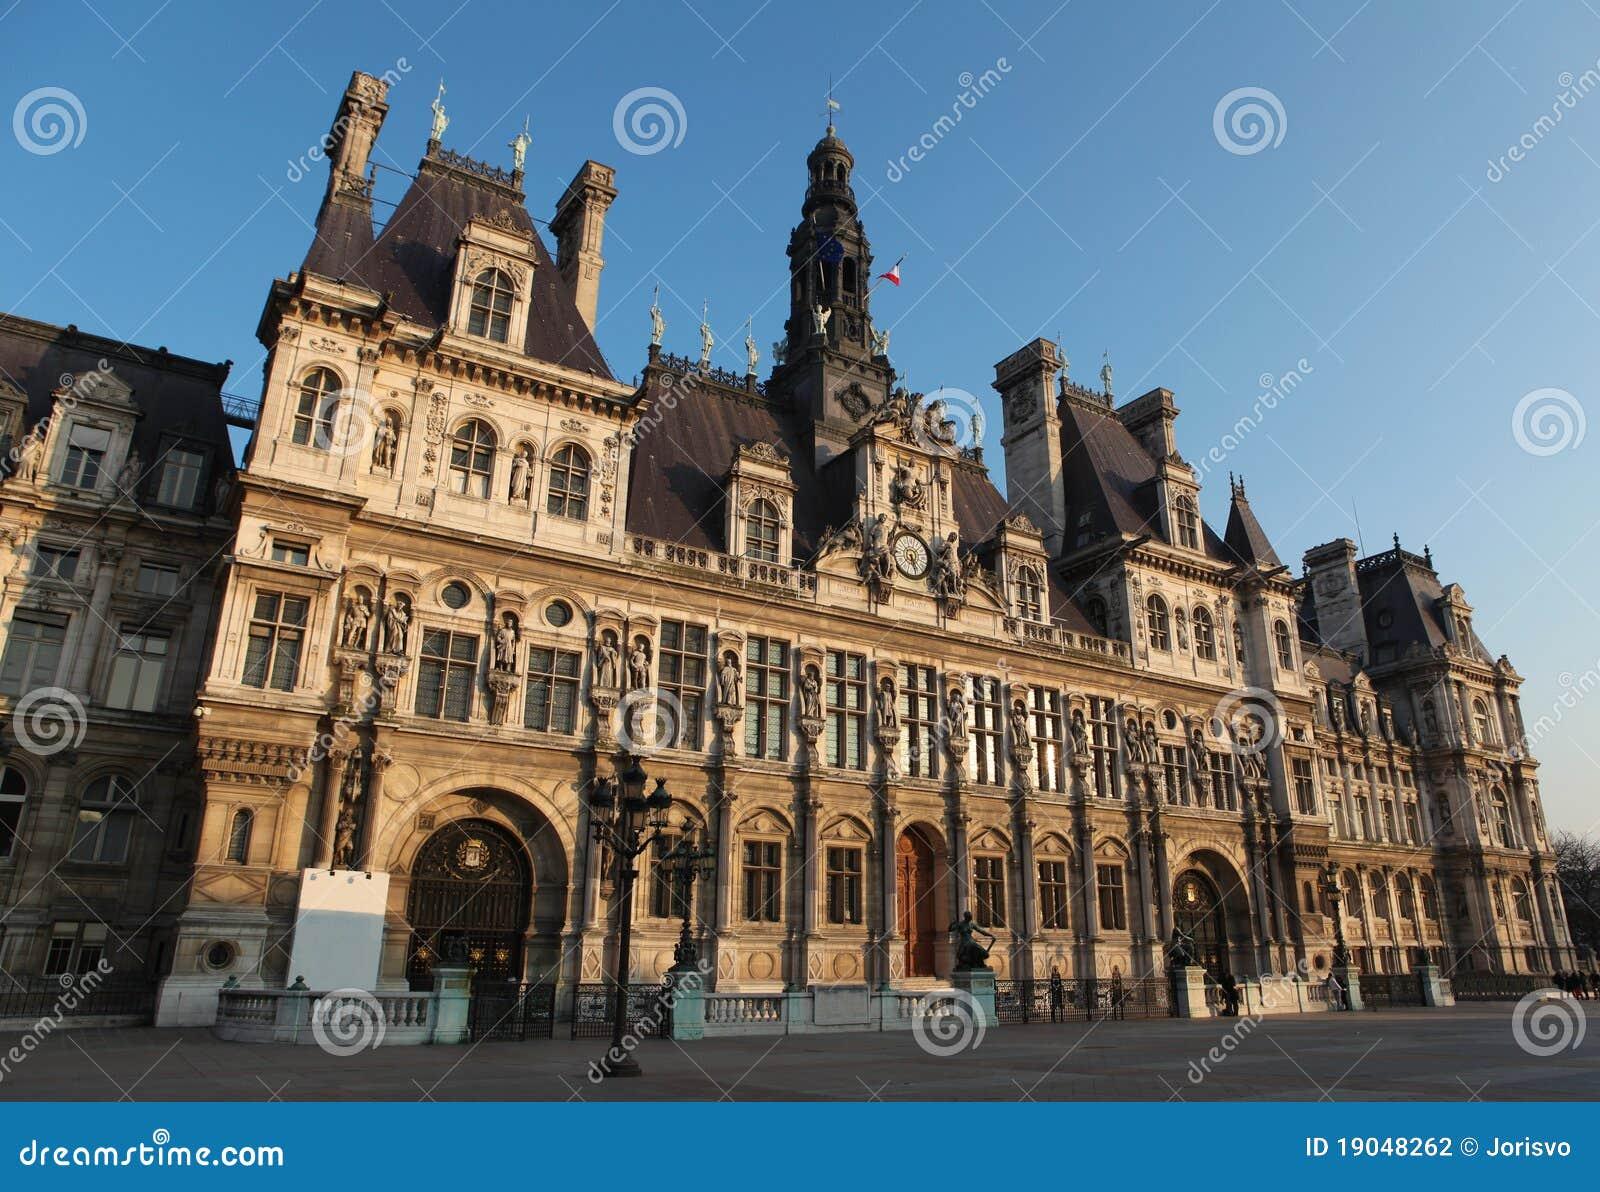 Hotel De Ville Paris Stock Photography Image 19048262